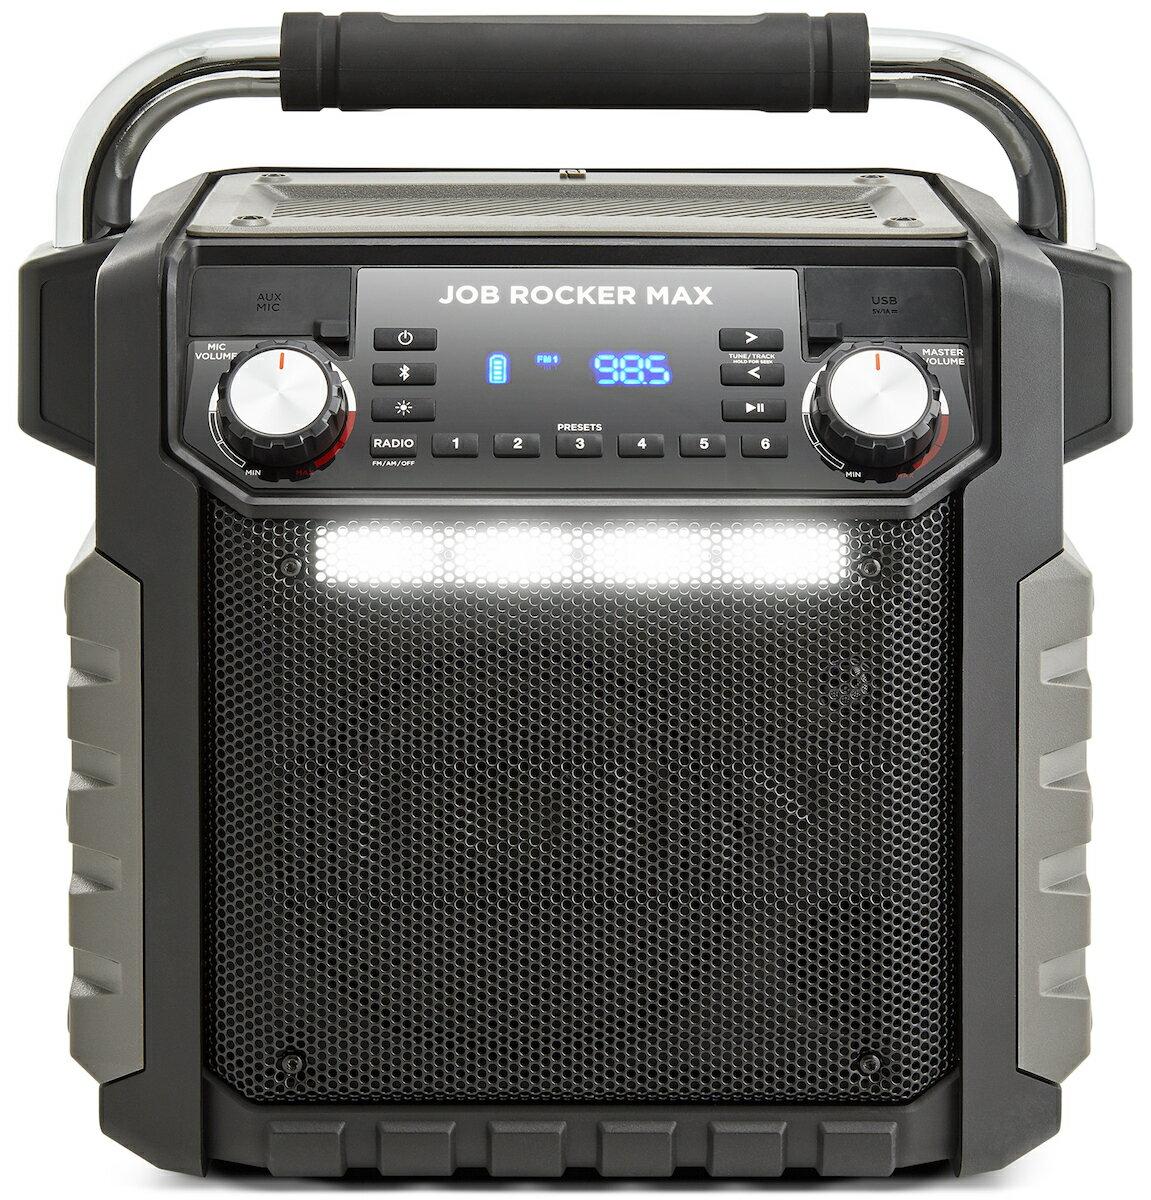 ION Audio 防水 Bluetooth スピーカー 50時間バッテリー LEDライト 付き コンセント/USB 端子付き スマホ充電 可能 AM/FM ラジオ Job Rocker Max